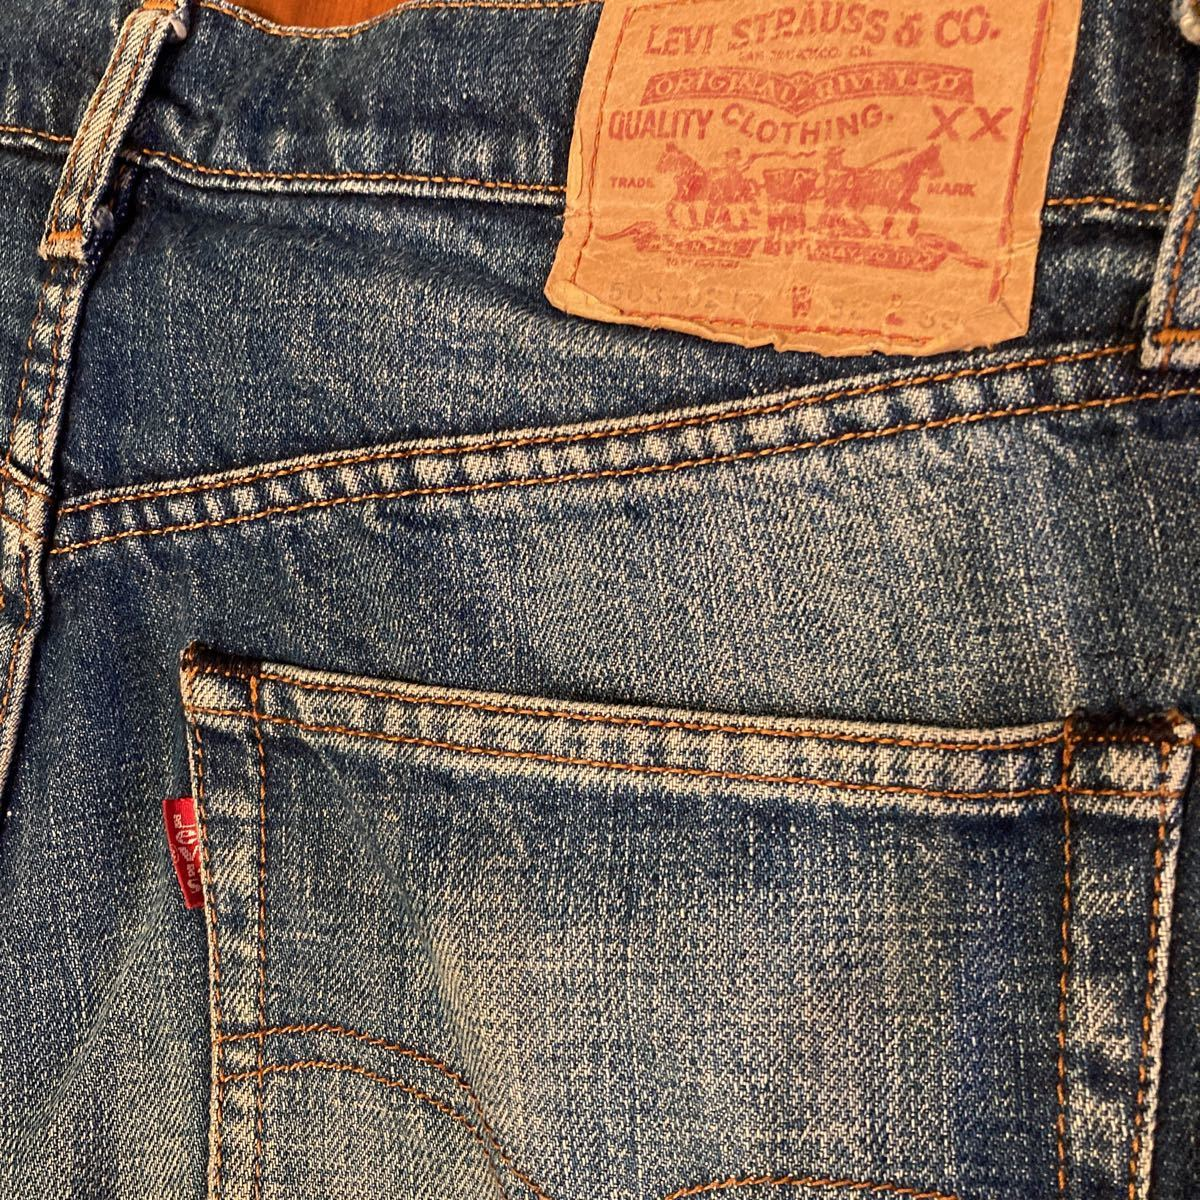 88年製 Levi's リーバイス 503 0217 w32 縦落ち 濃紺 実寸 w78cm デニム ジーンズ 501 505 ビンテージ_画像3